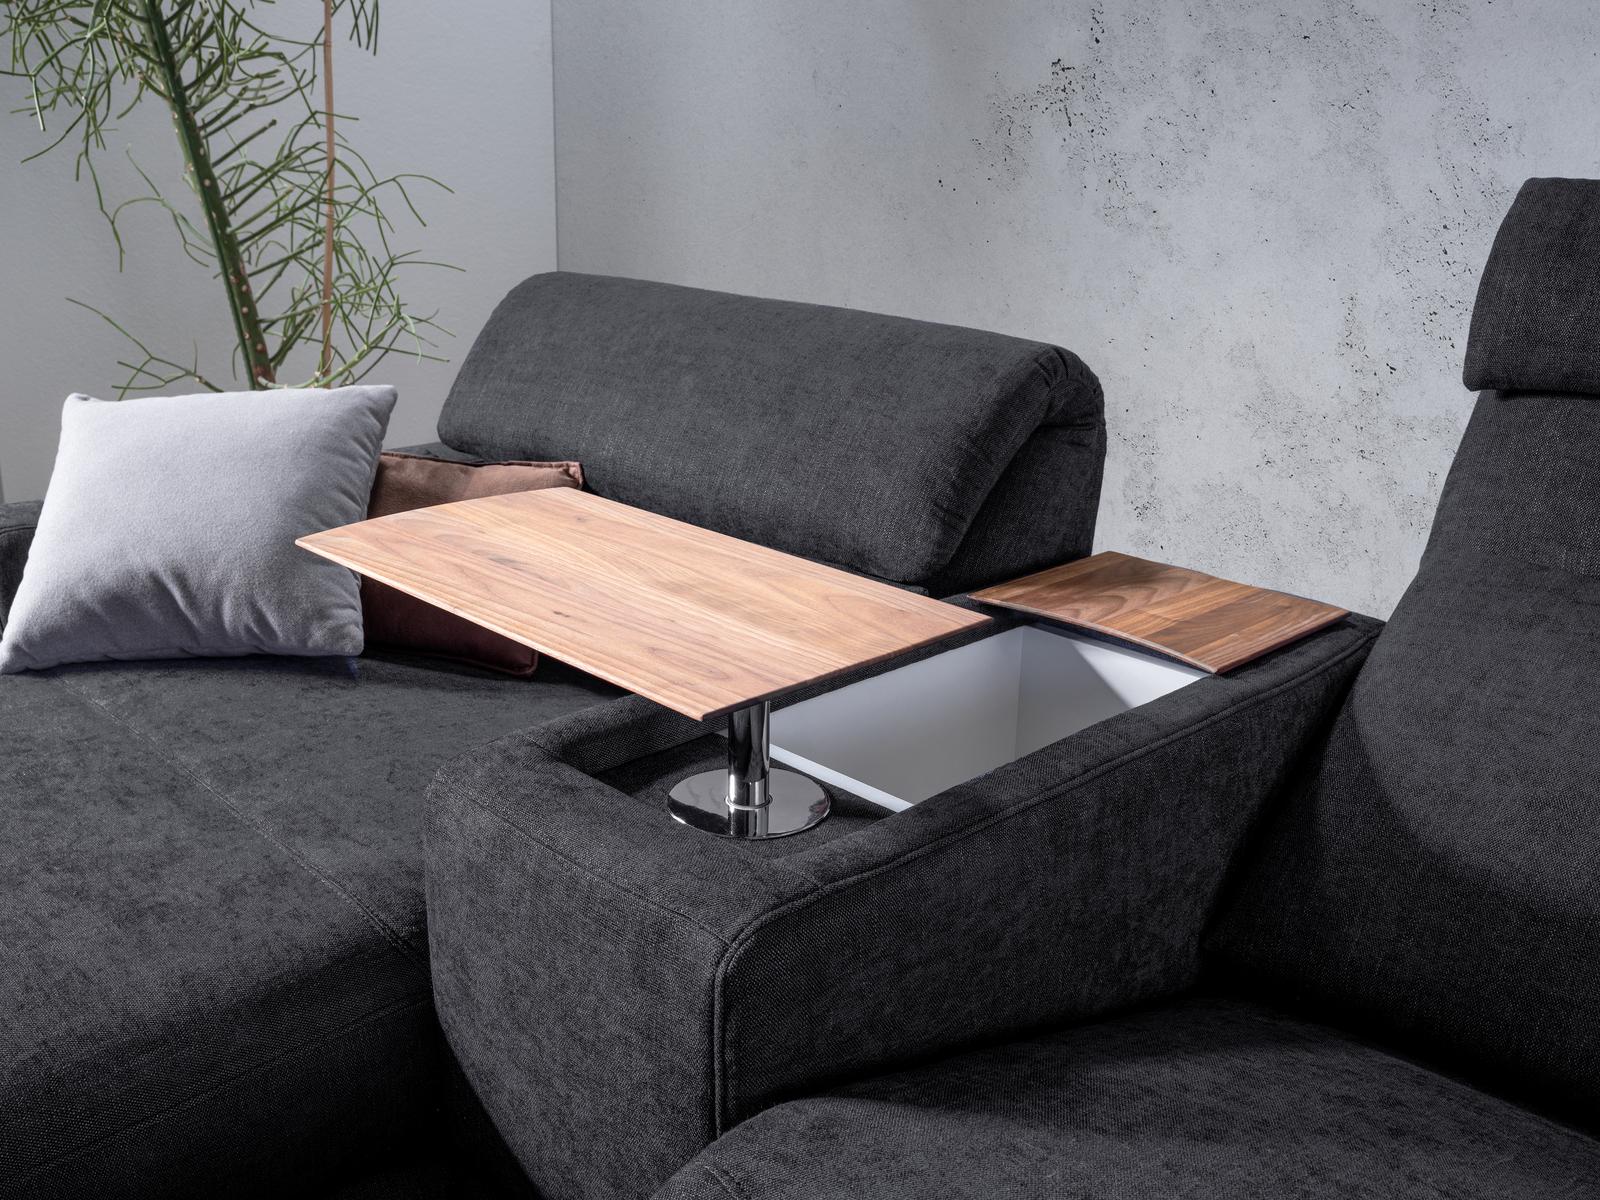 dunkelgraues Sofa mit schwenkbarem Tisch